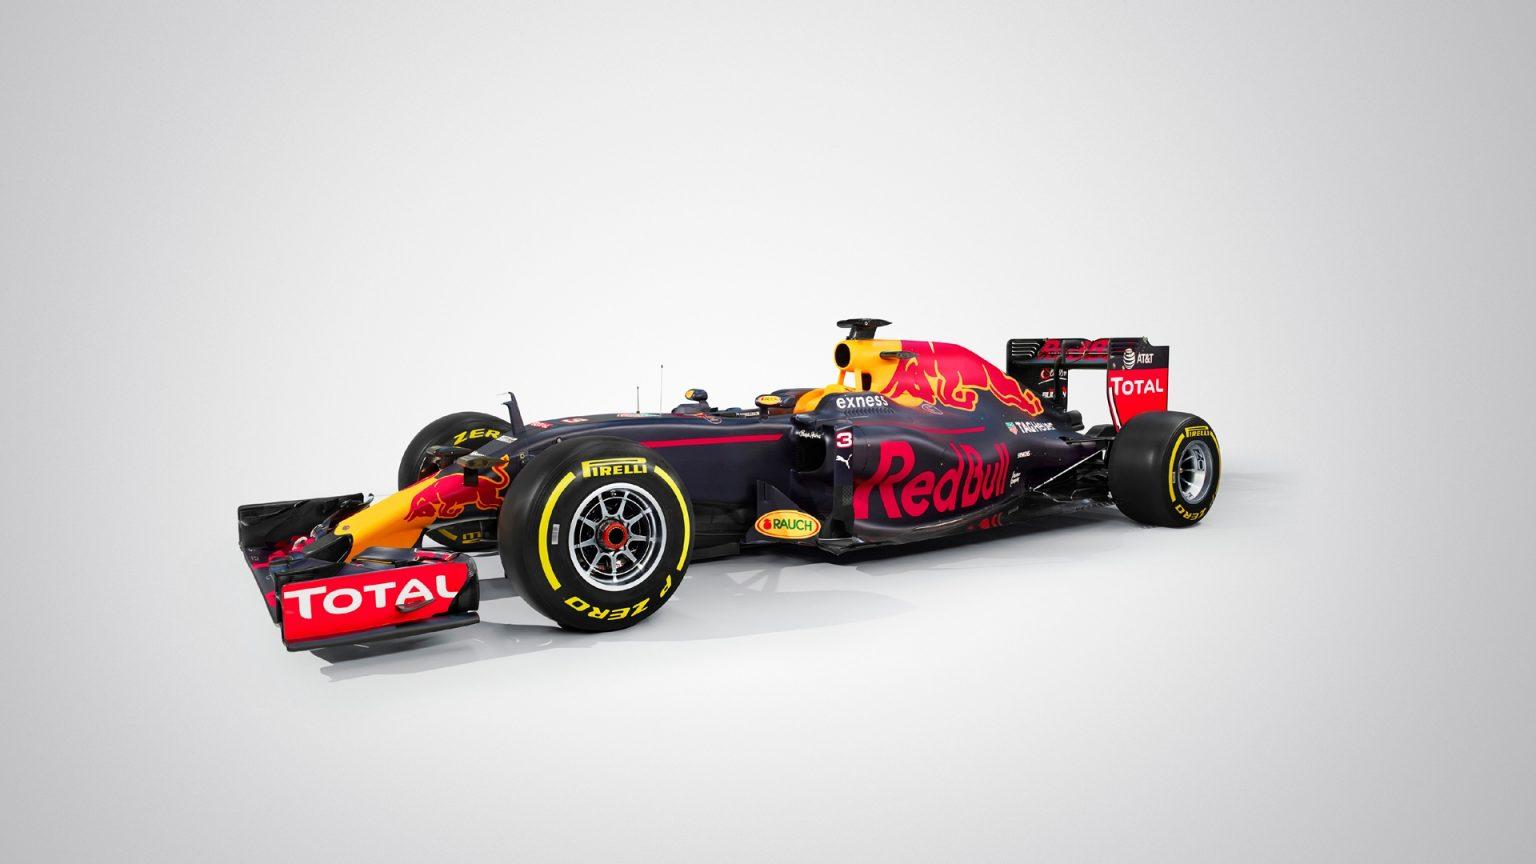 official 2016 red bull rb12 formula 1 car gtspirit. Black Bedroom Furniture Sets. Home Design Ideas